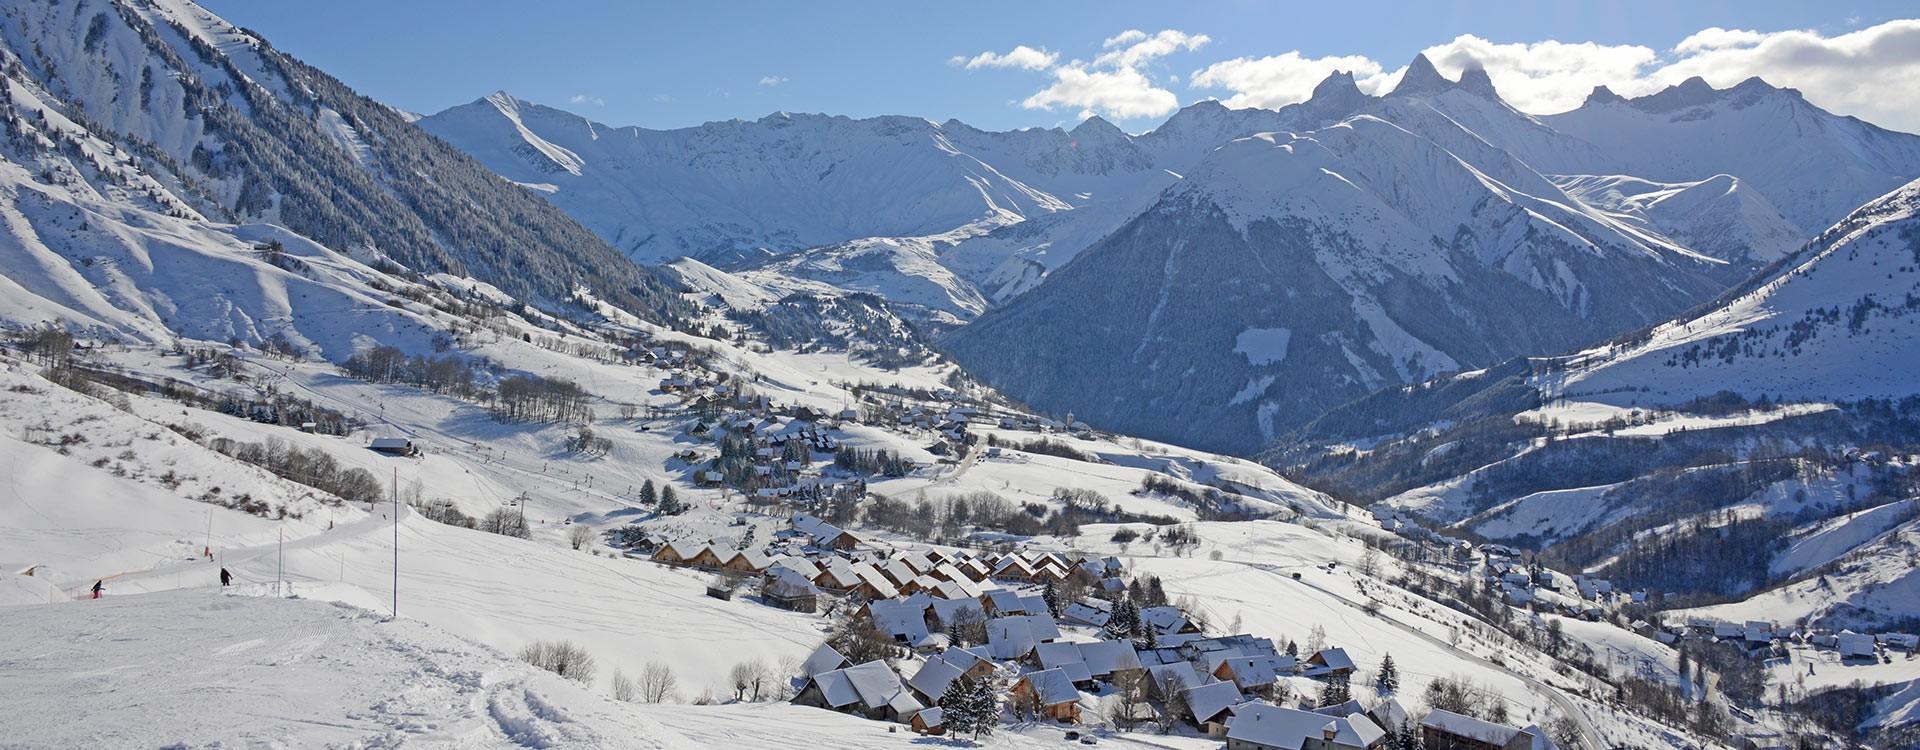 saint-jean-d-arves-hiver-33-193